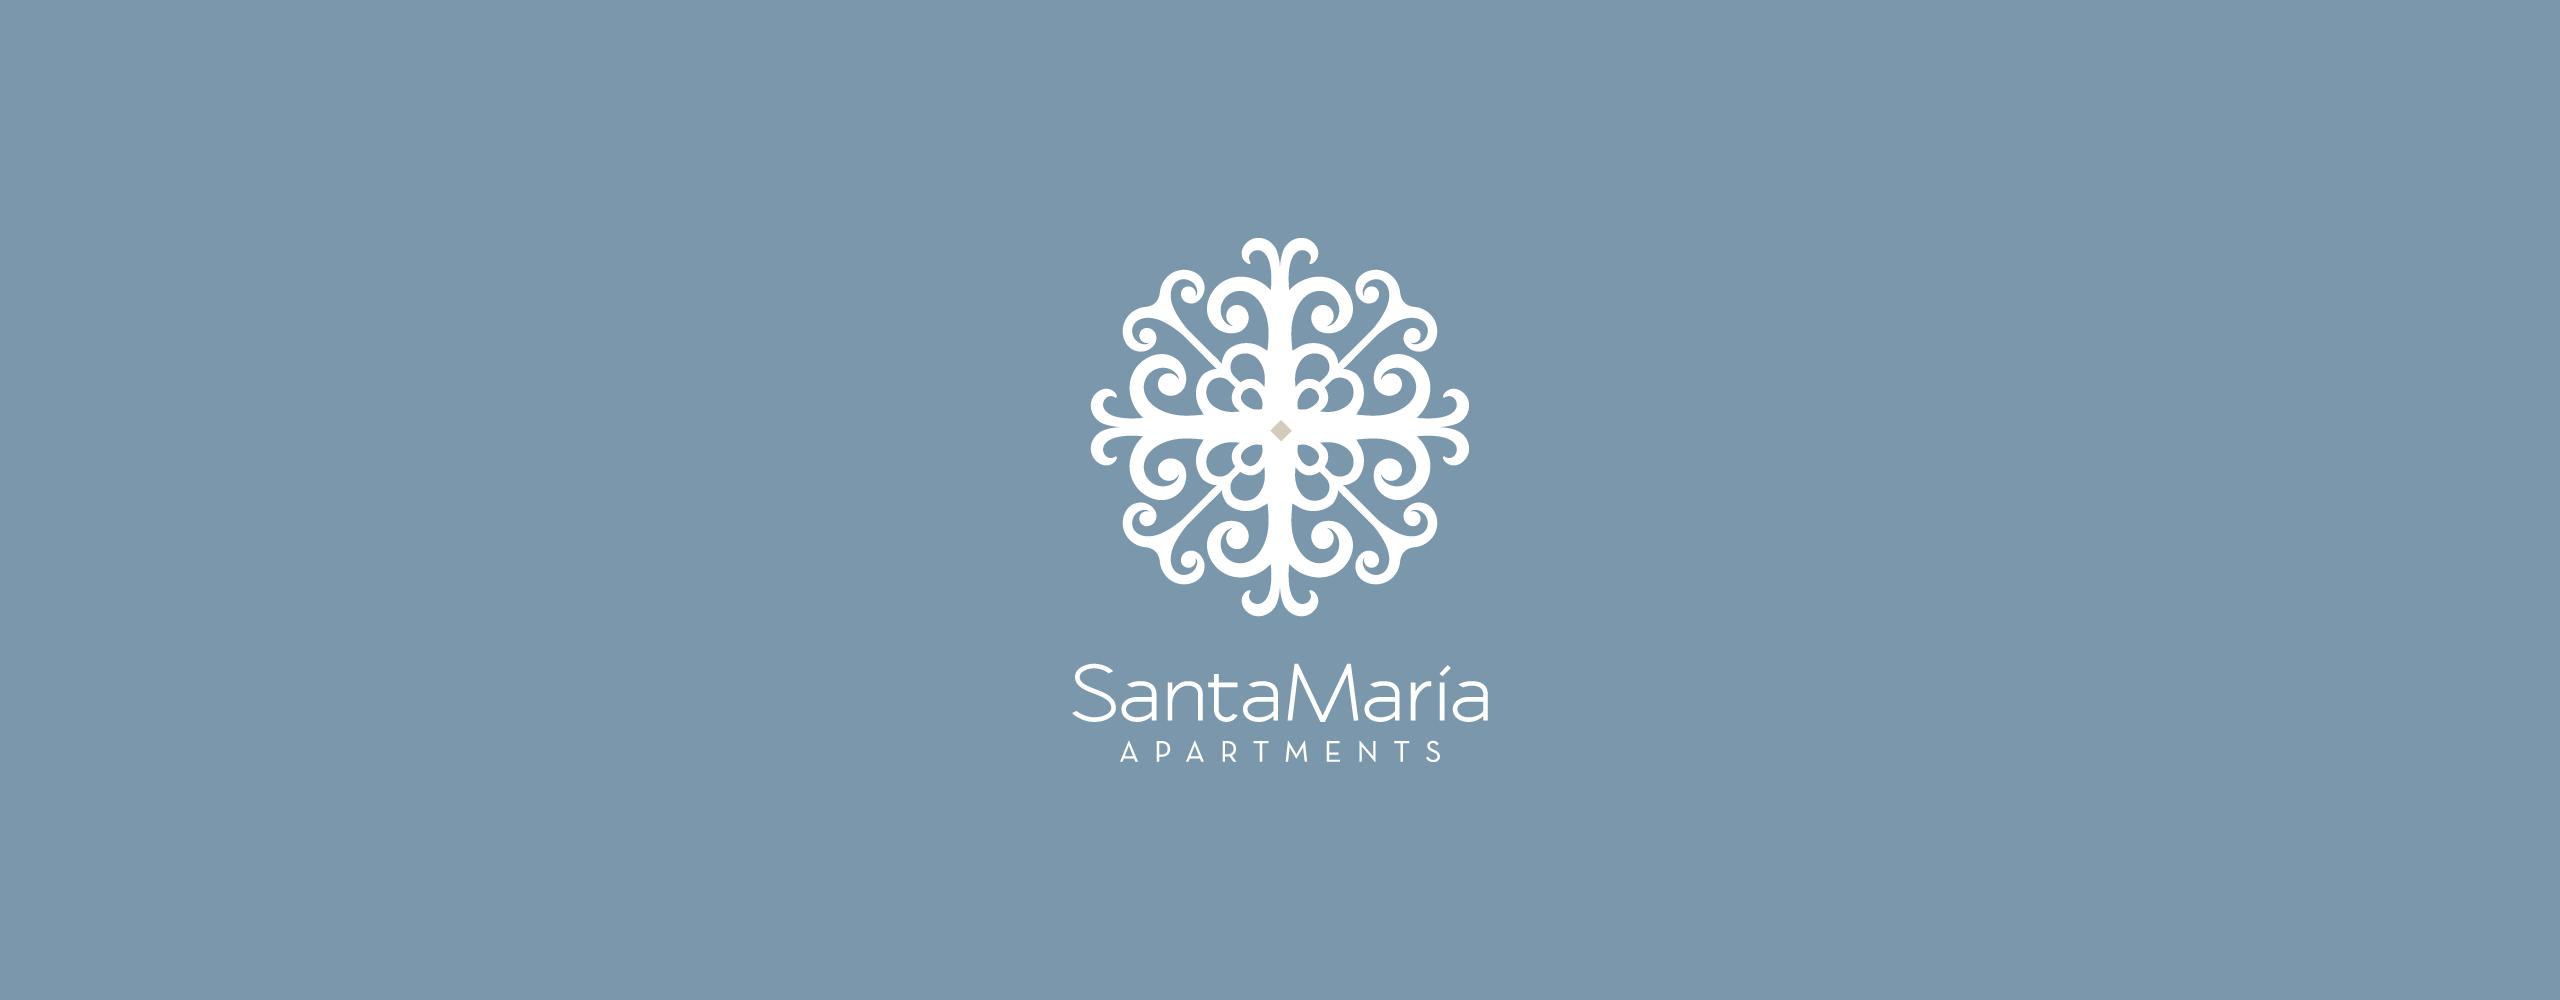 Imagen Corporativa SantaMaria Apartments